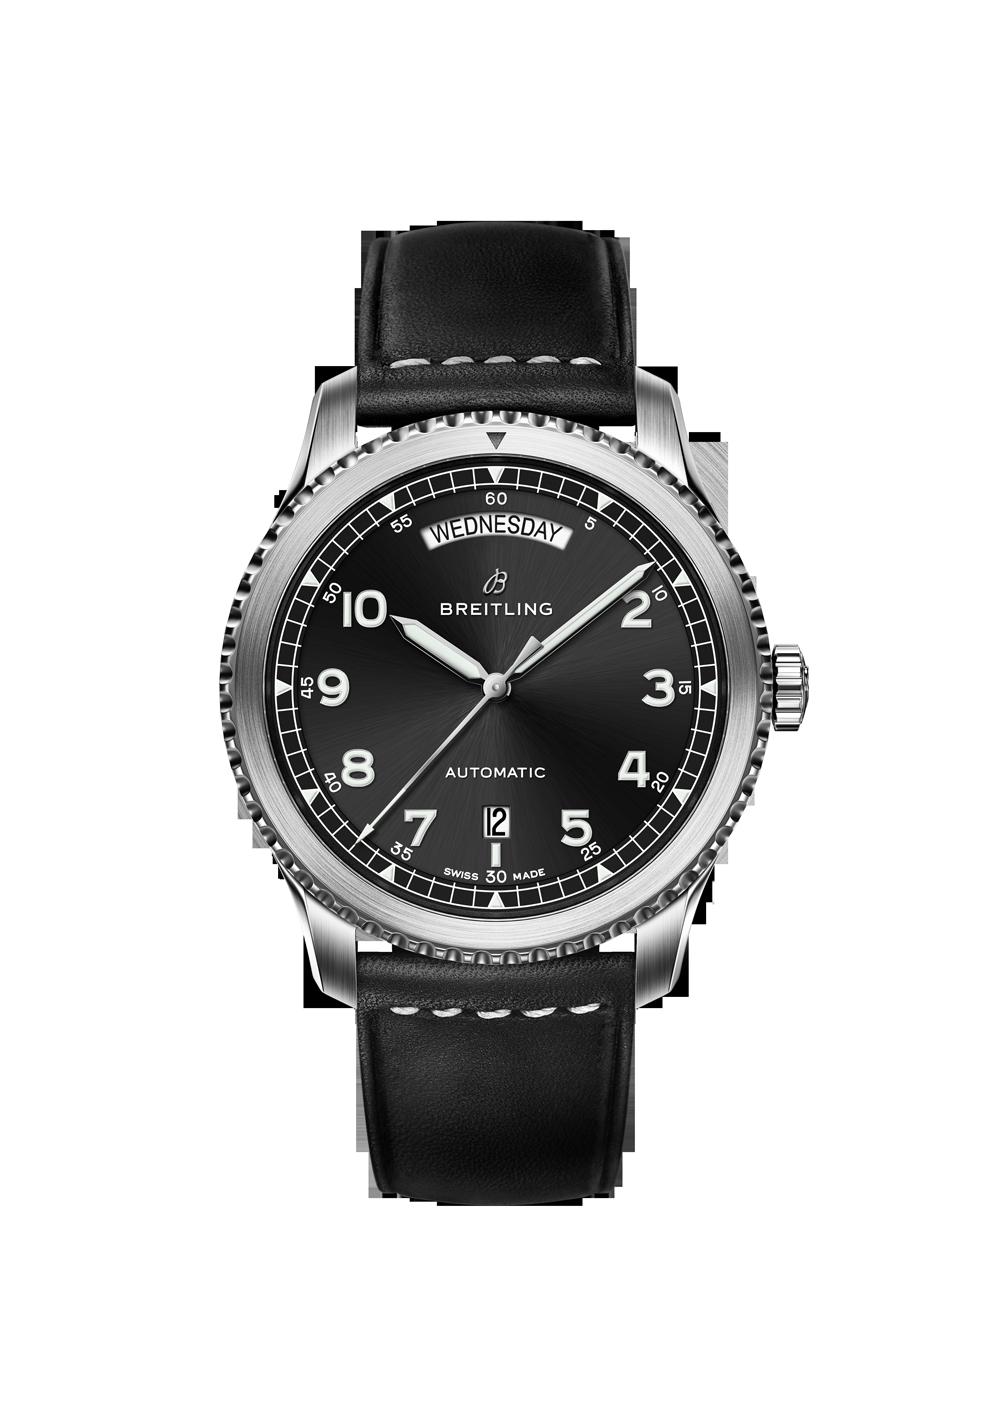 Breitling Navitimer 8 Day Date mit schwarzem Zifferblatt und Lederband bei Juwelier Hungeling